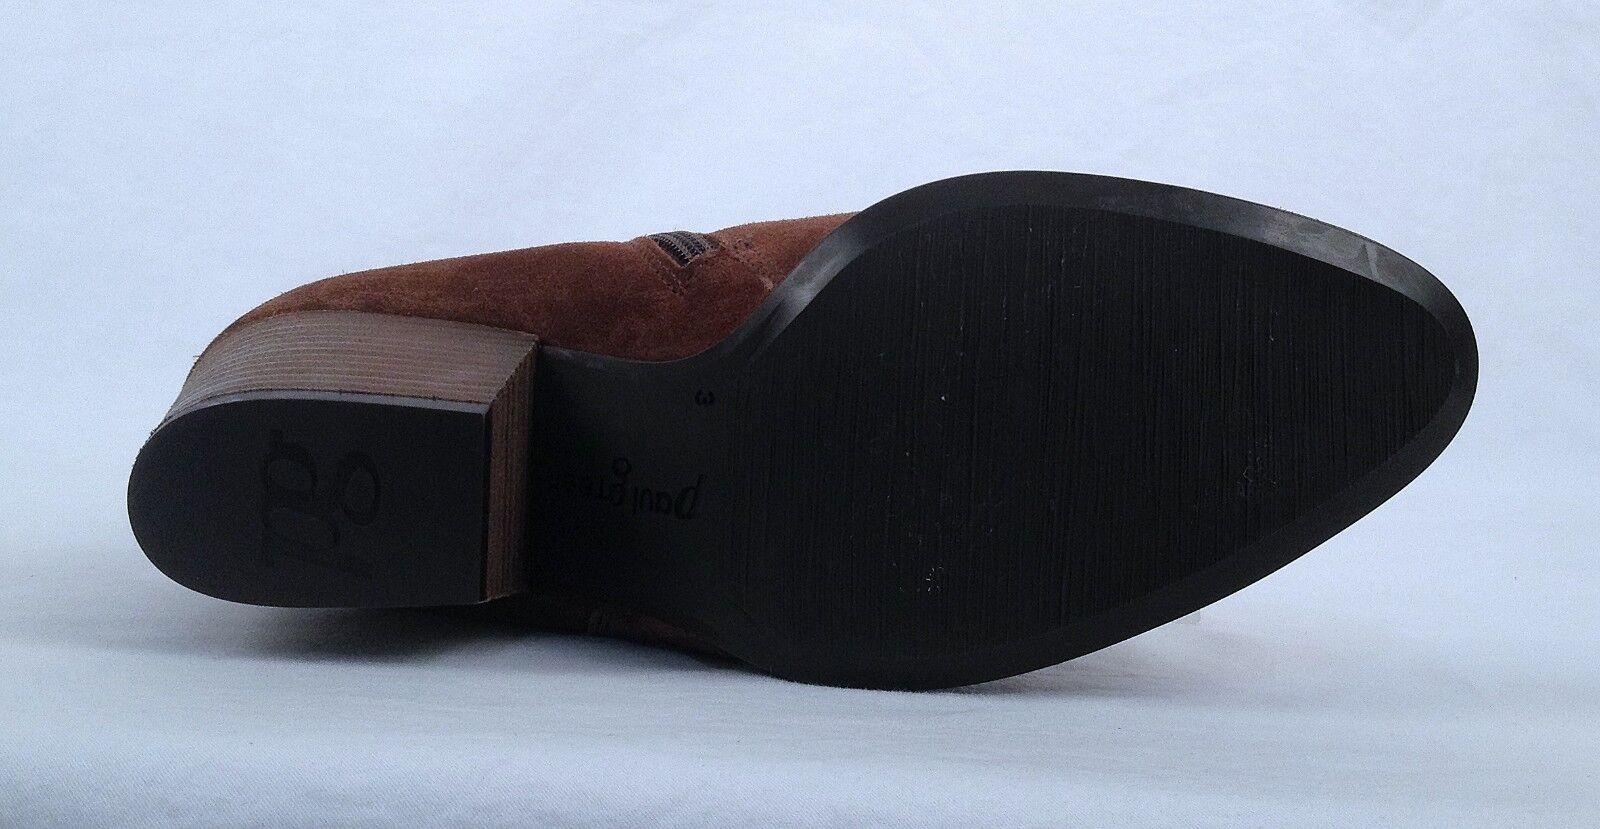 Nuevo      Paul verde arco Borla botín-marrón-Talla 5.5 EE. UU. 3 au  480 (B9) afb1b4